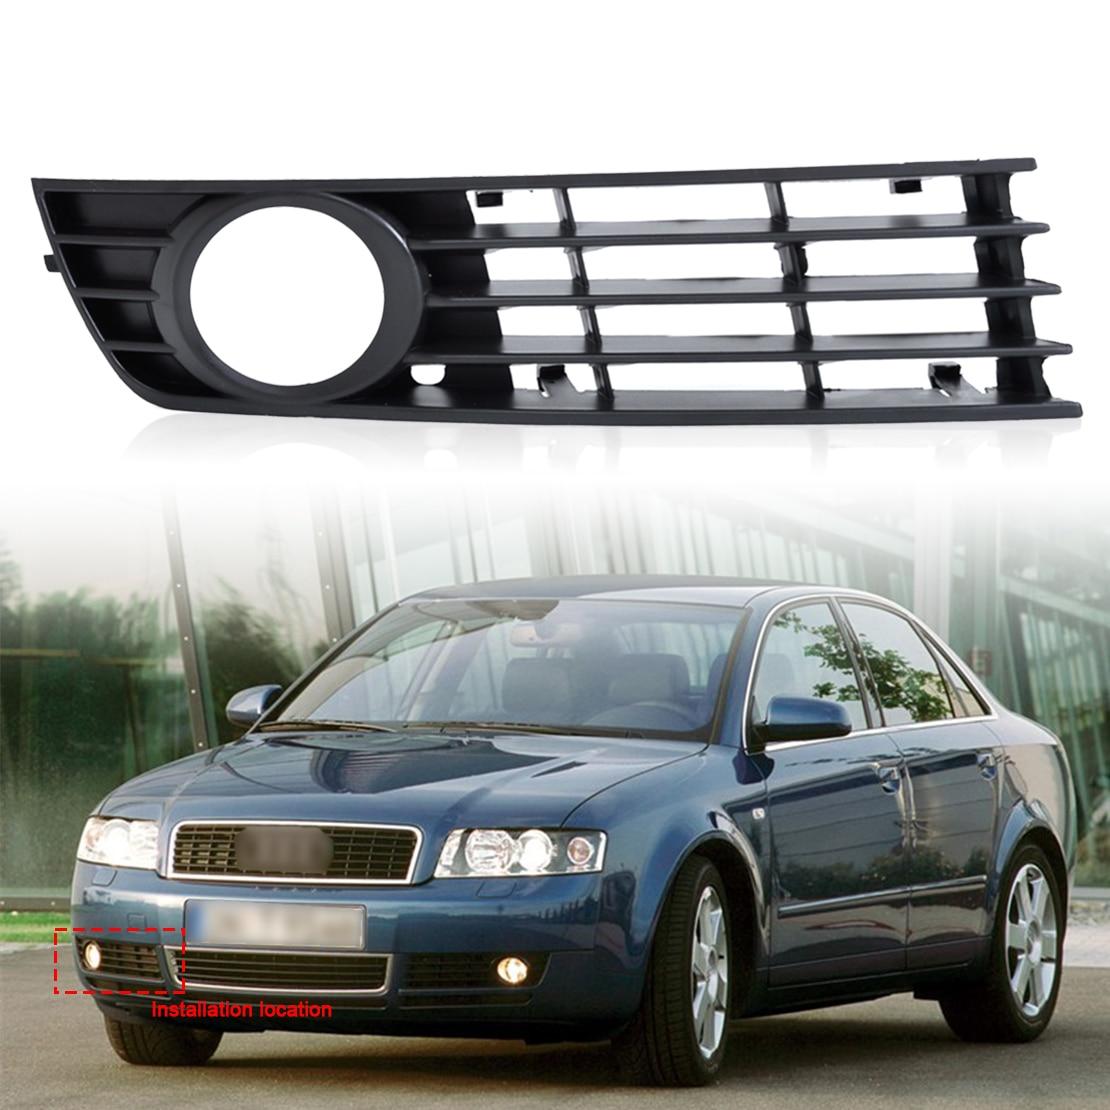 DWCX 8E0807682 Przednia prawa wkładka Zderzak Siatka przeciwmgielna Siatka ochronna dla Audi A4 B6 2002 2003 2004 2005